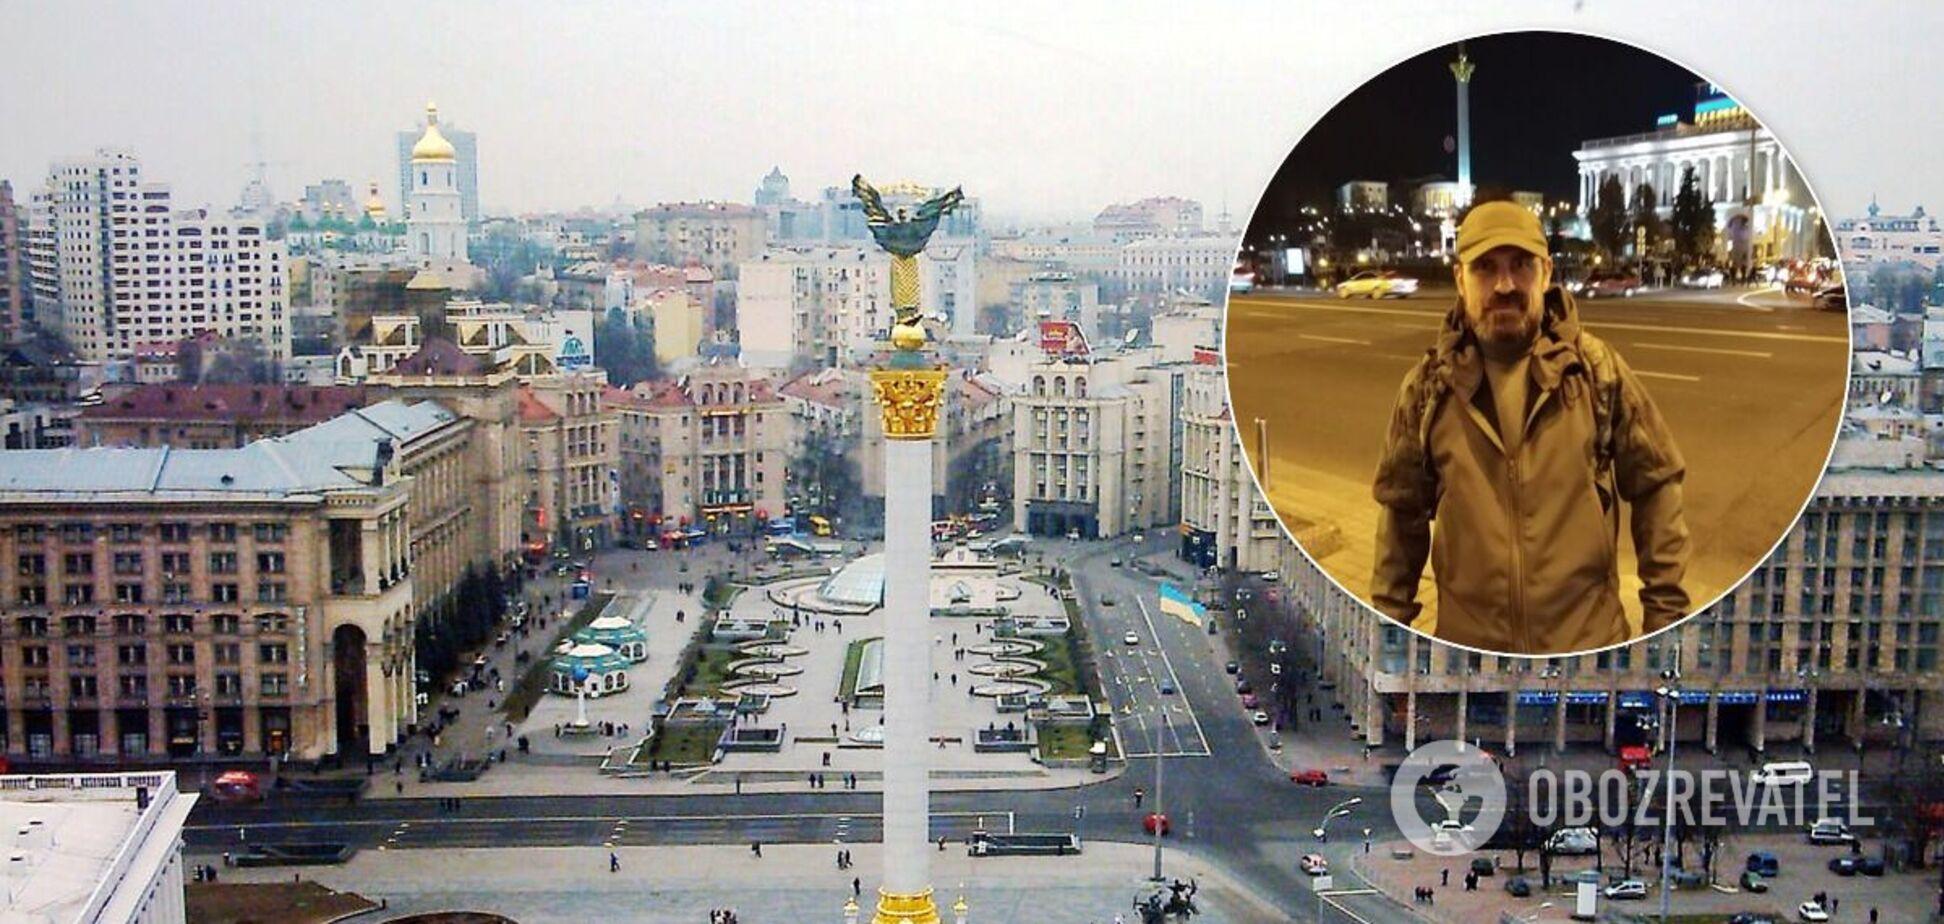 Николай Микитенко, который совершил самосожжение в центре Киева